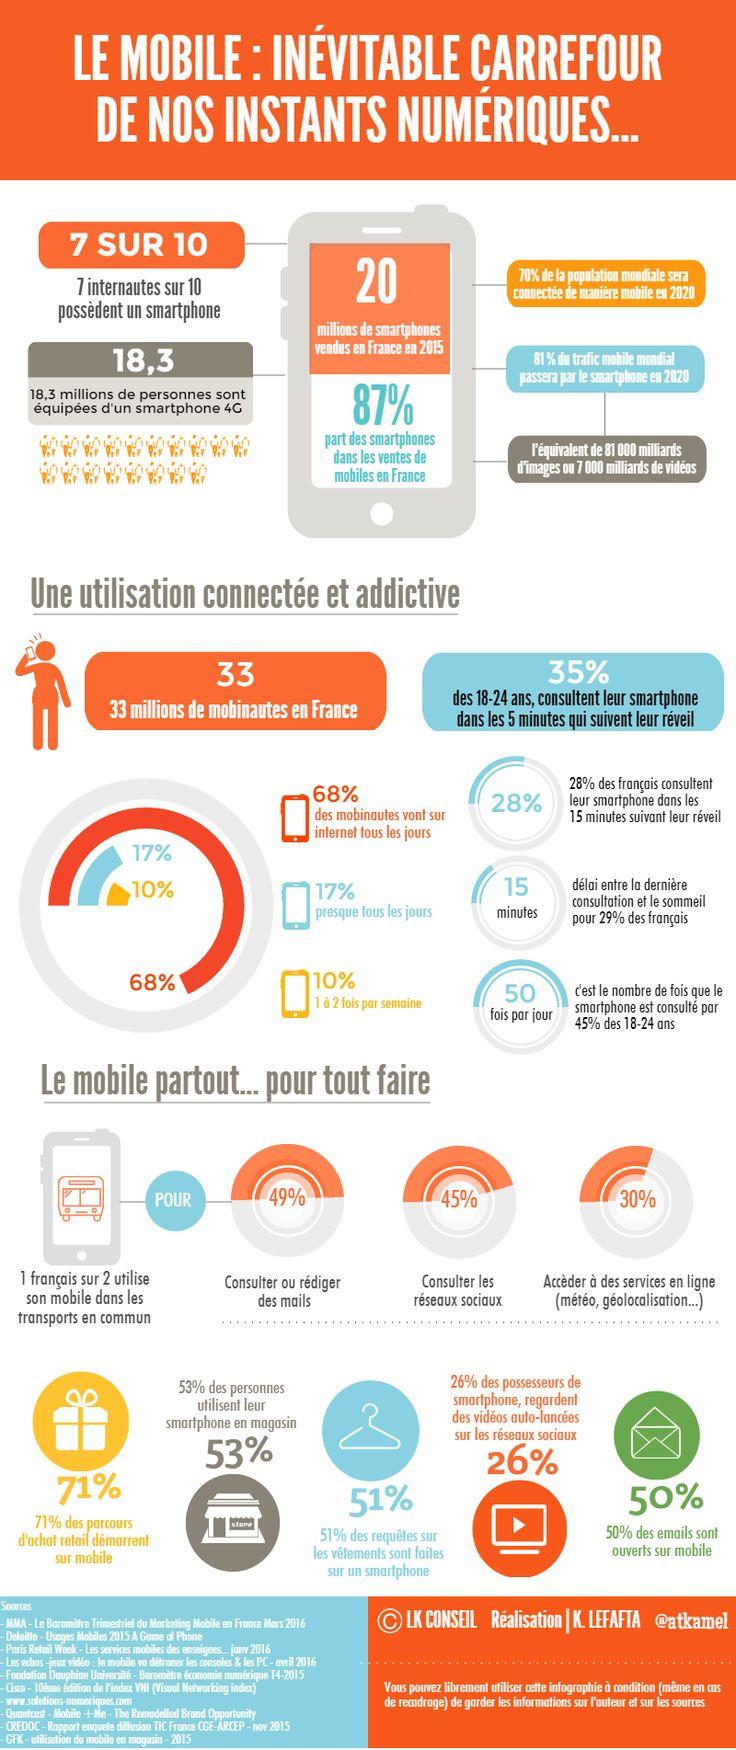 Les français passent plus de 2 heures par jour, sur leur smartphone ou leur tablette. Ces dispositifs mobiles se sont érigés en véritables compagnons...